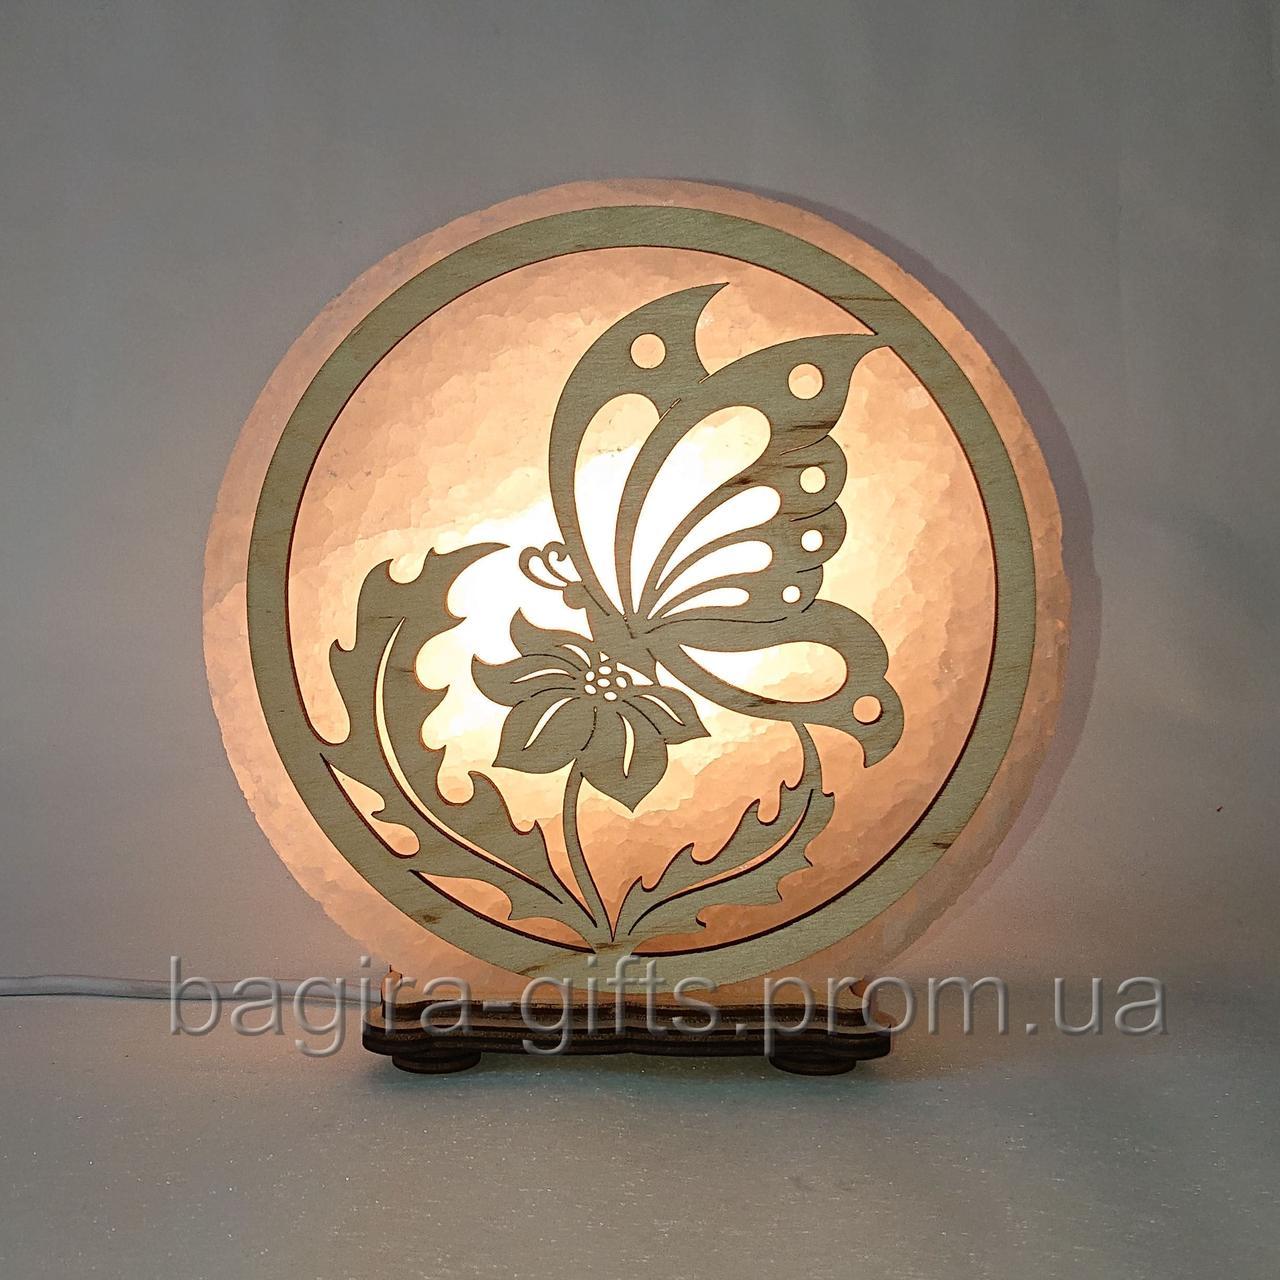 Соляная лампа круглая Бабочка на цветке